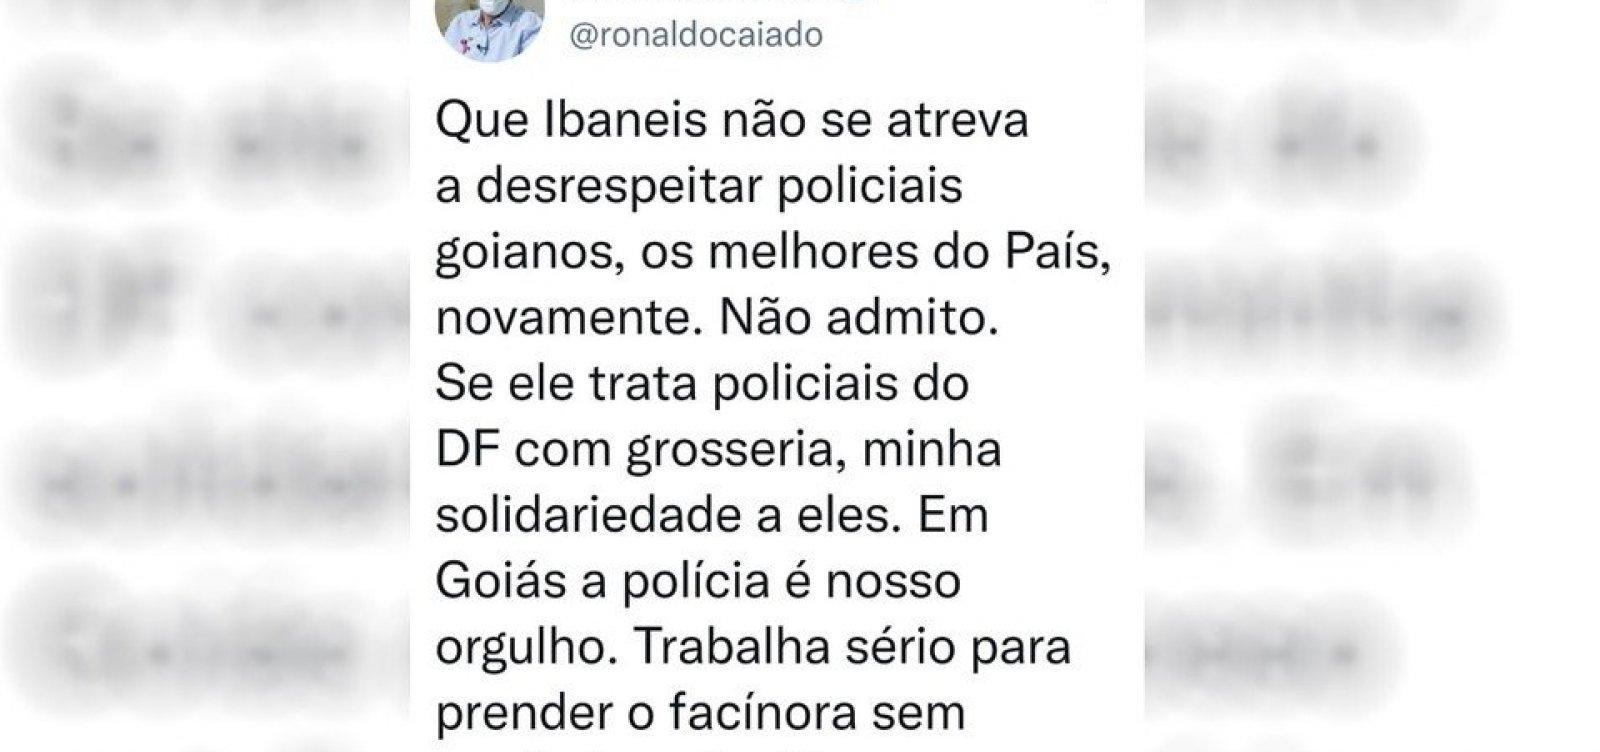 """Fuga prolongada de """"maníaco"""" gera crítica e defesa aos policiais por parte de governadores"""